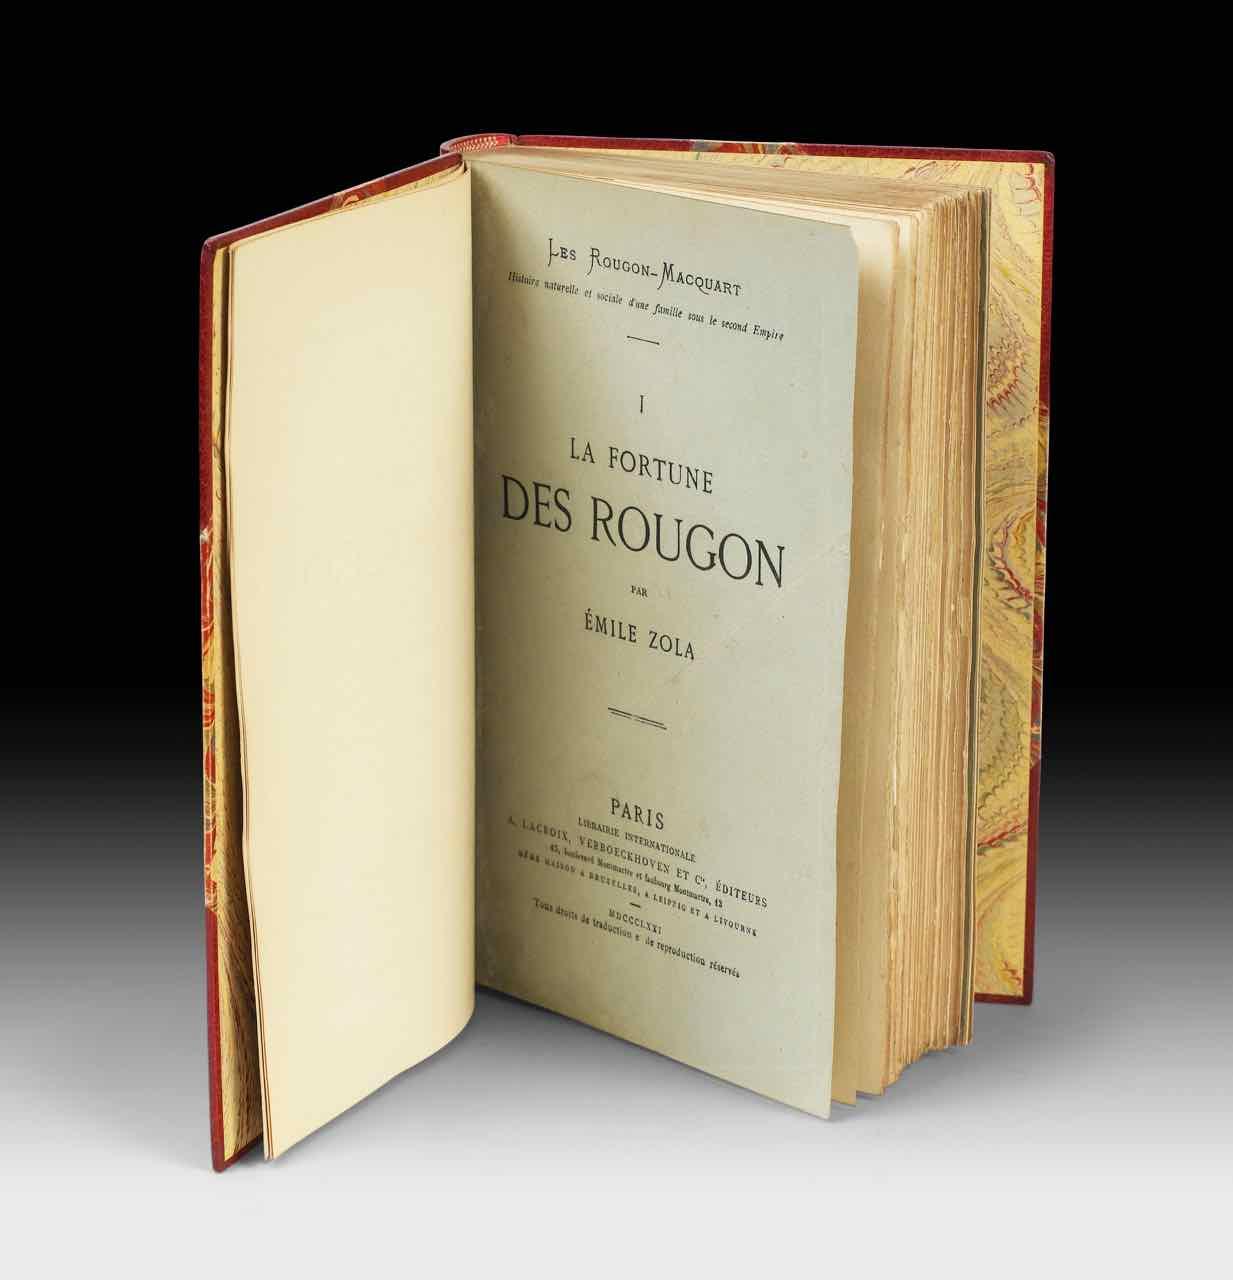 Le premier volume de la célèbre saga familiale ou cycle Les Rougon-Macquart